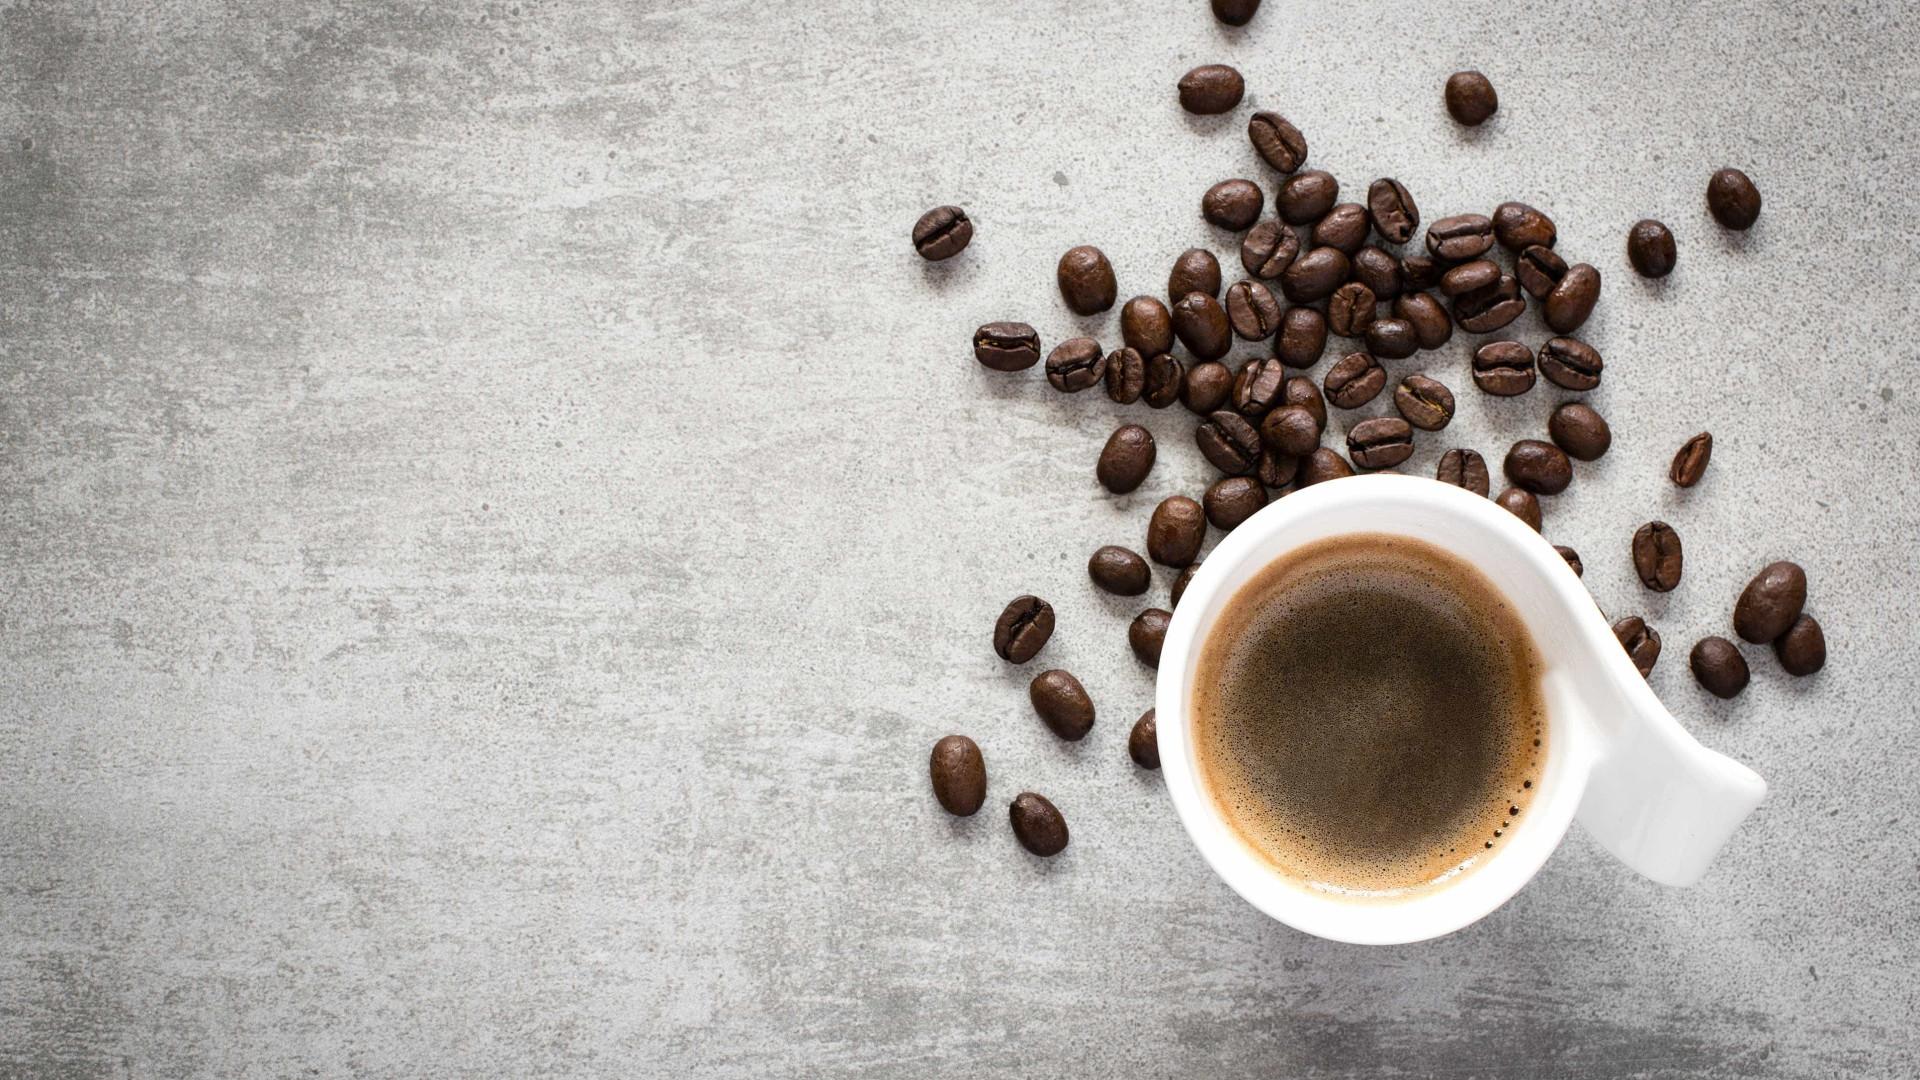 Beber três cafés por dia está ligado a menos problemas de saúde